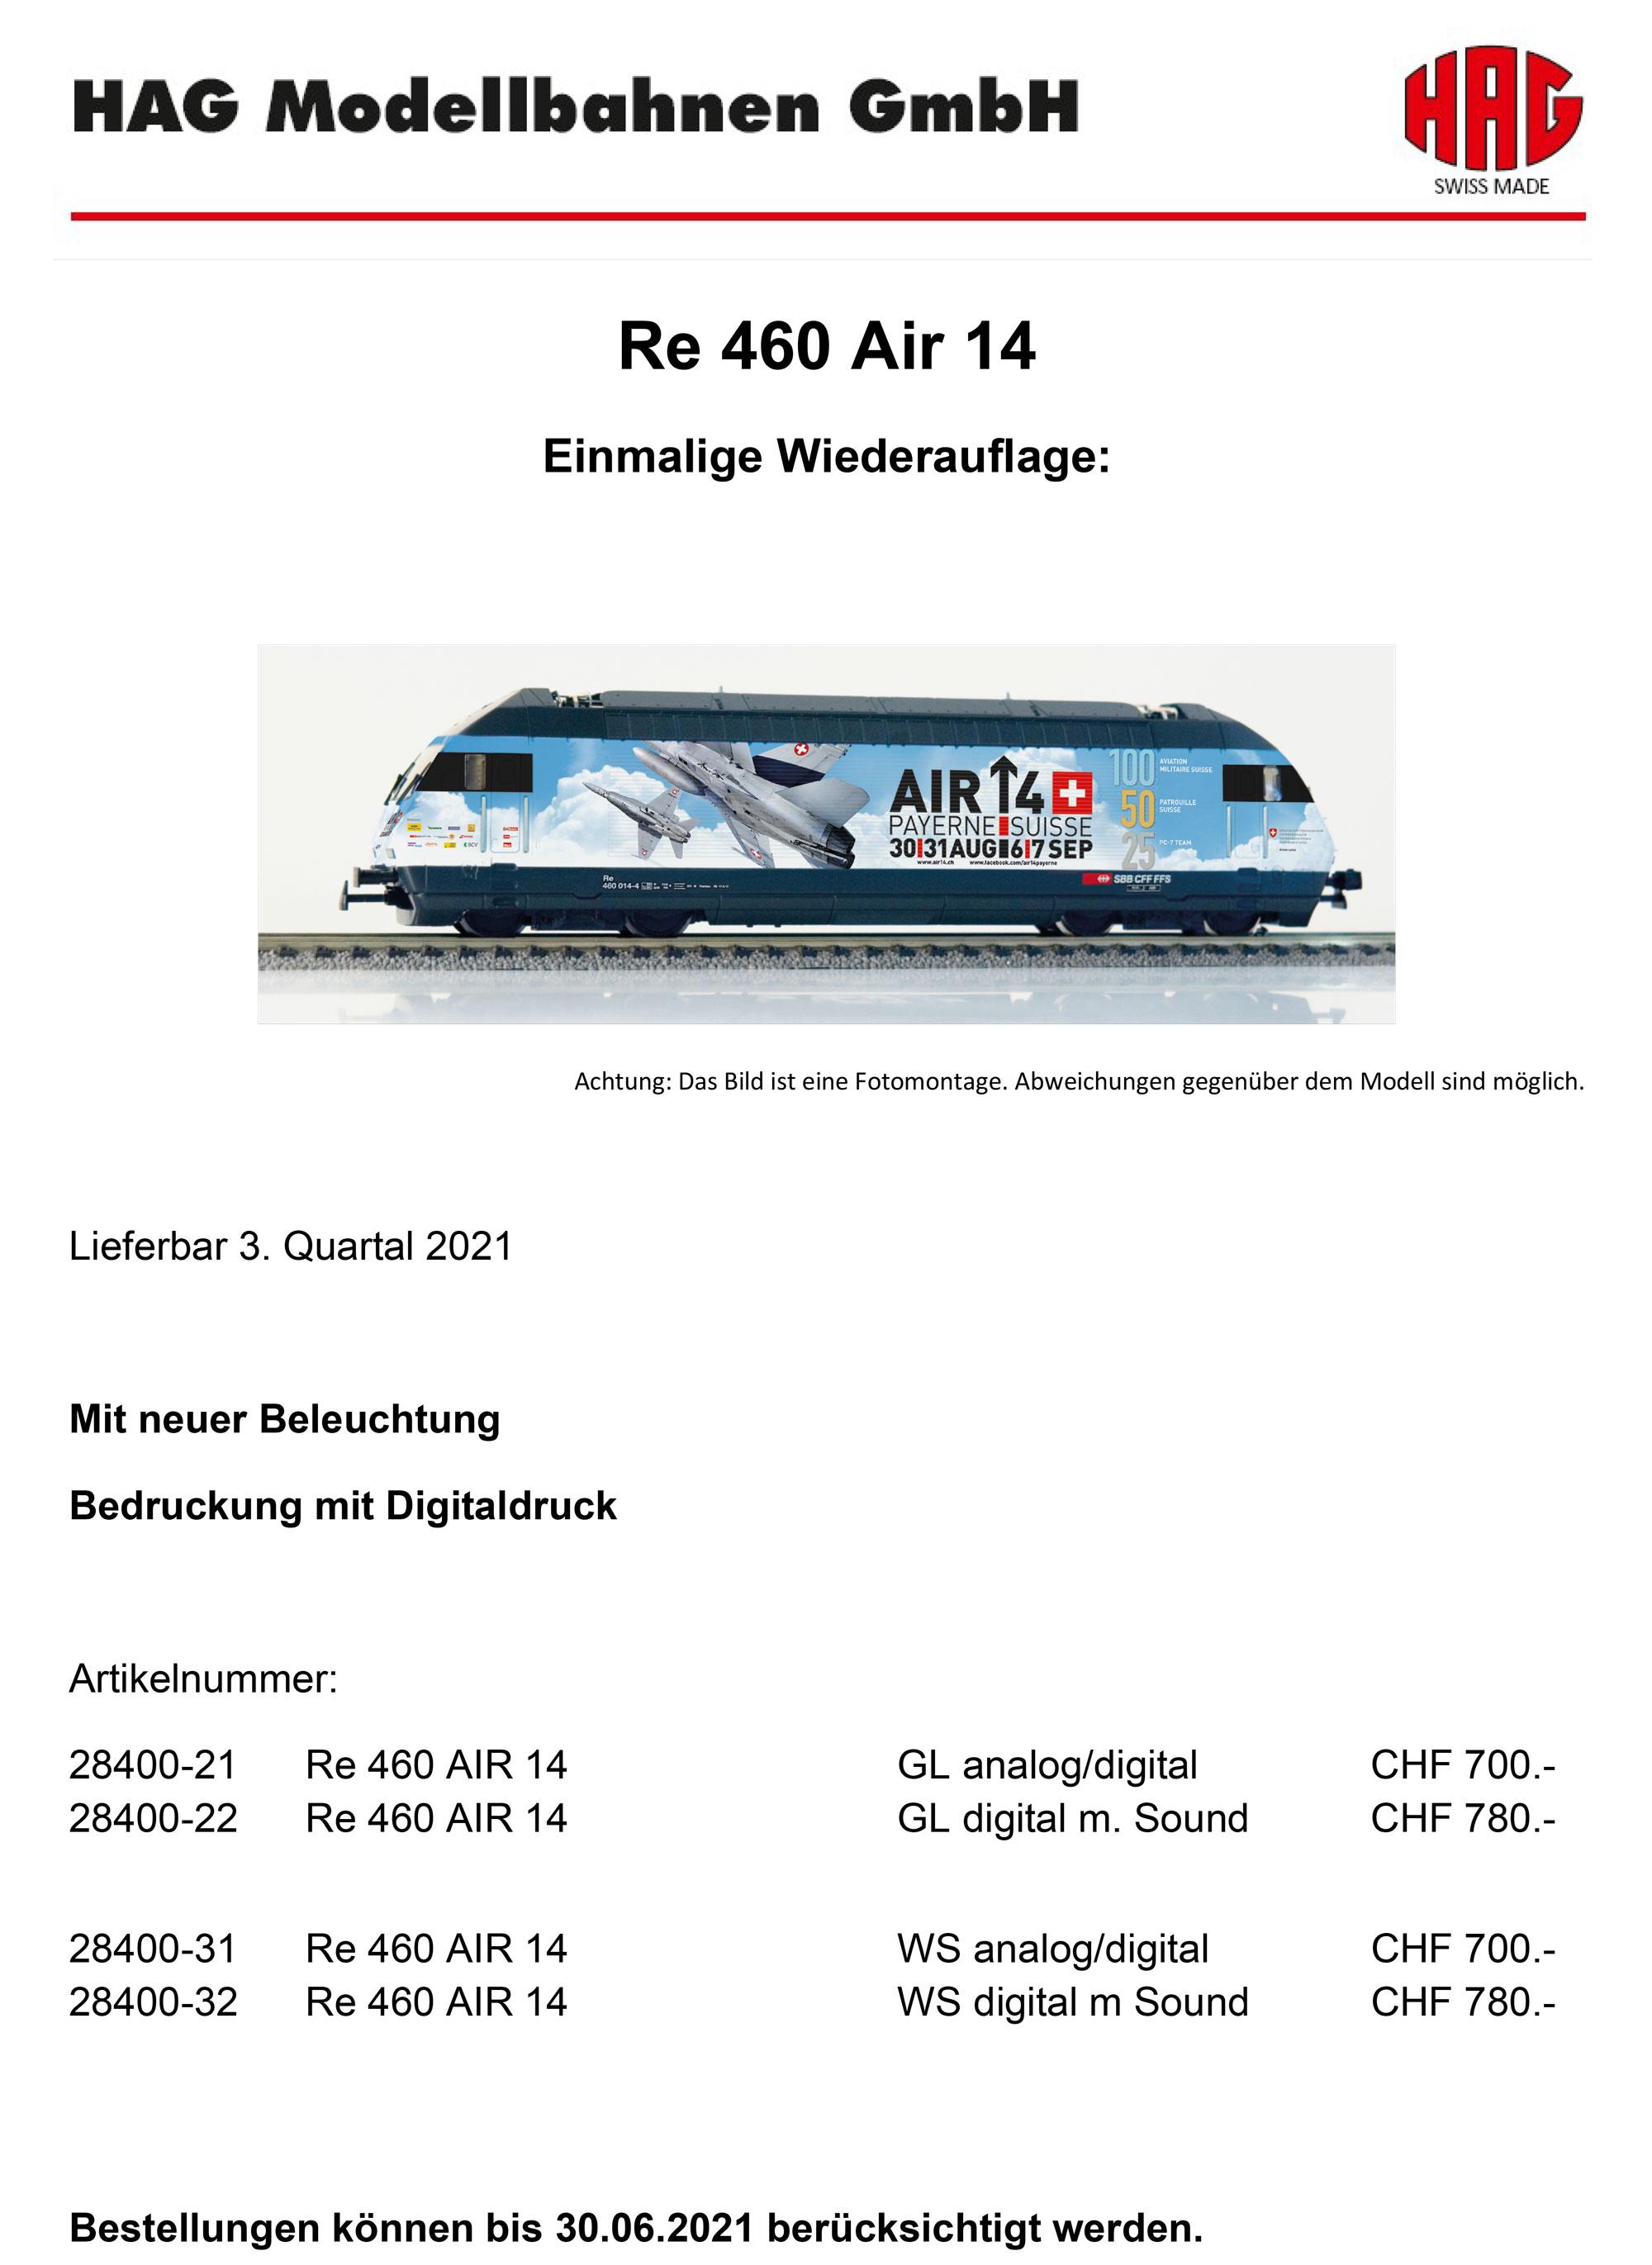 HAG - SBB CFF FFS - Re 460